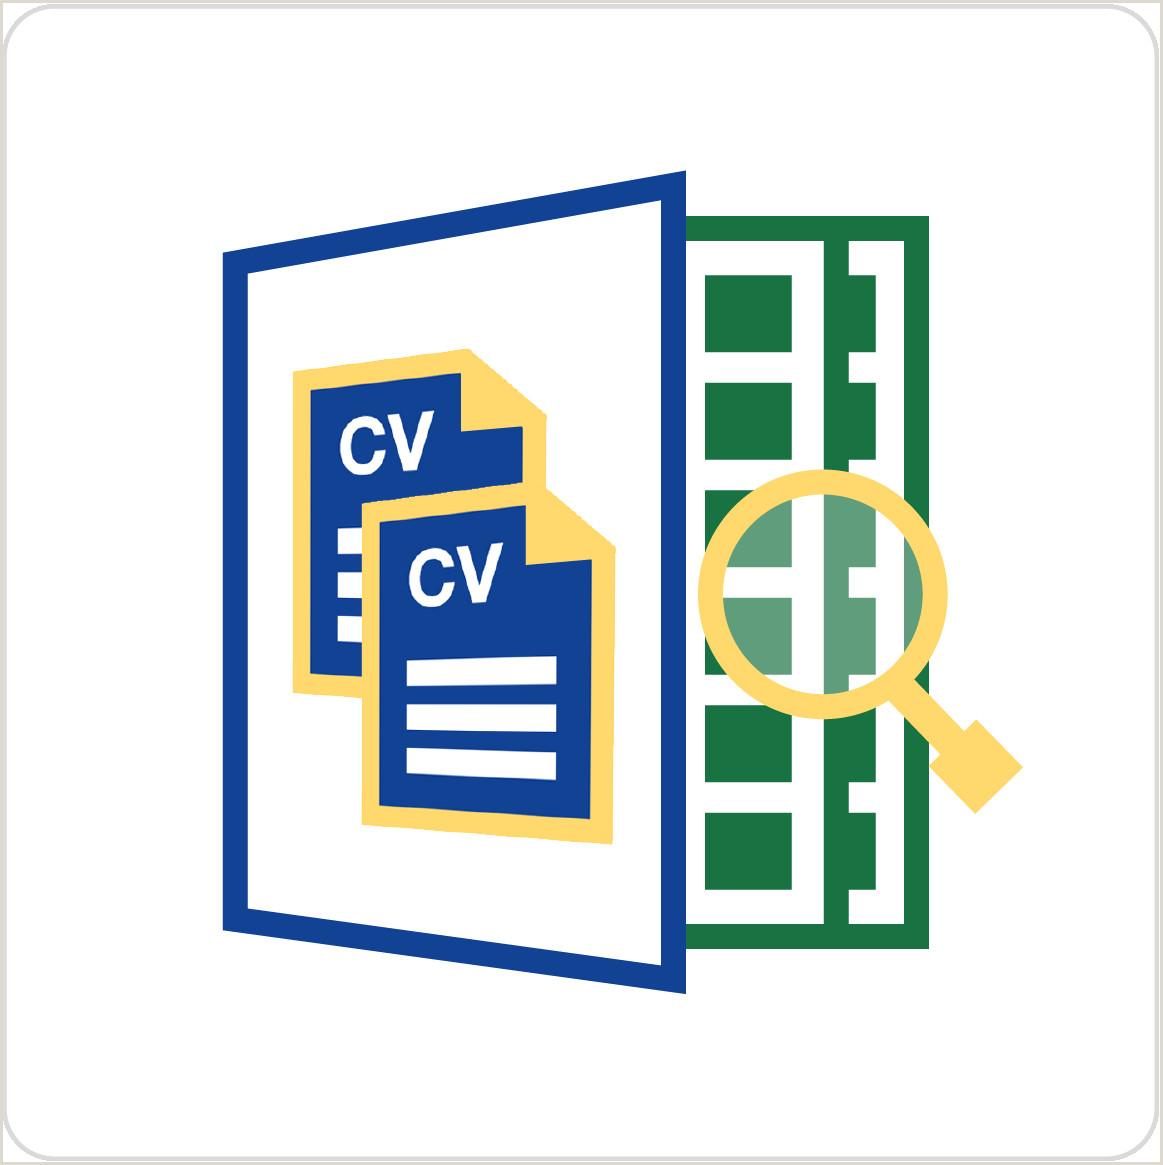 Cv Europass format Bg Download Home